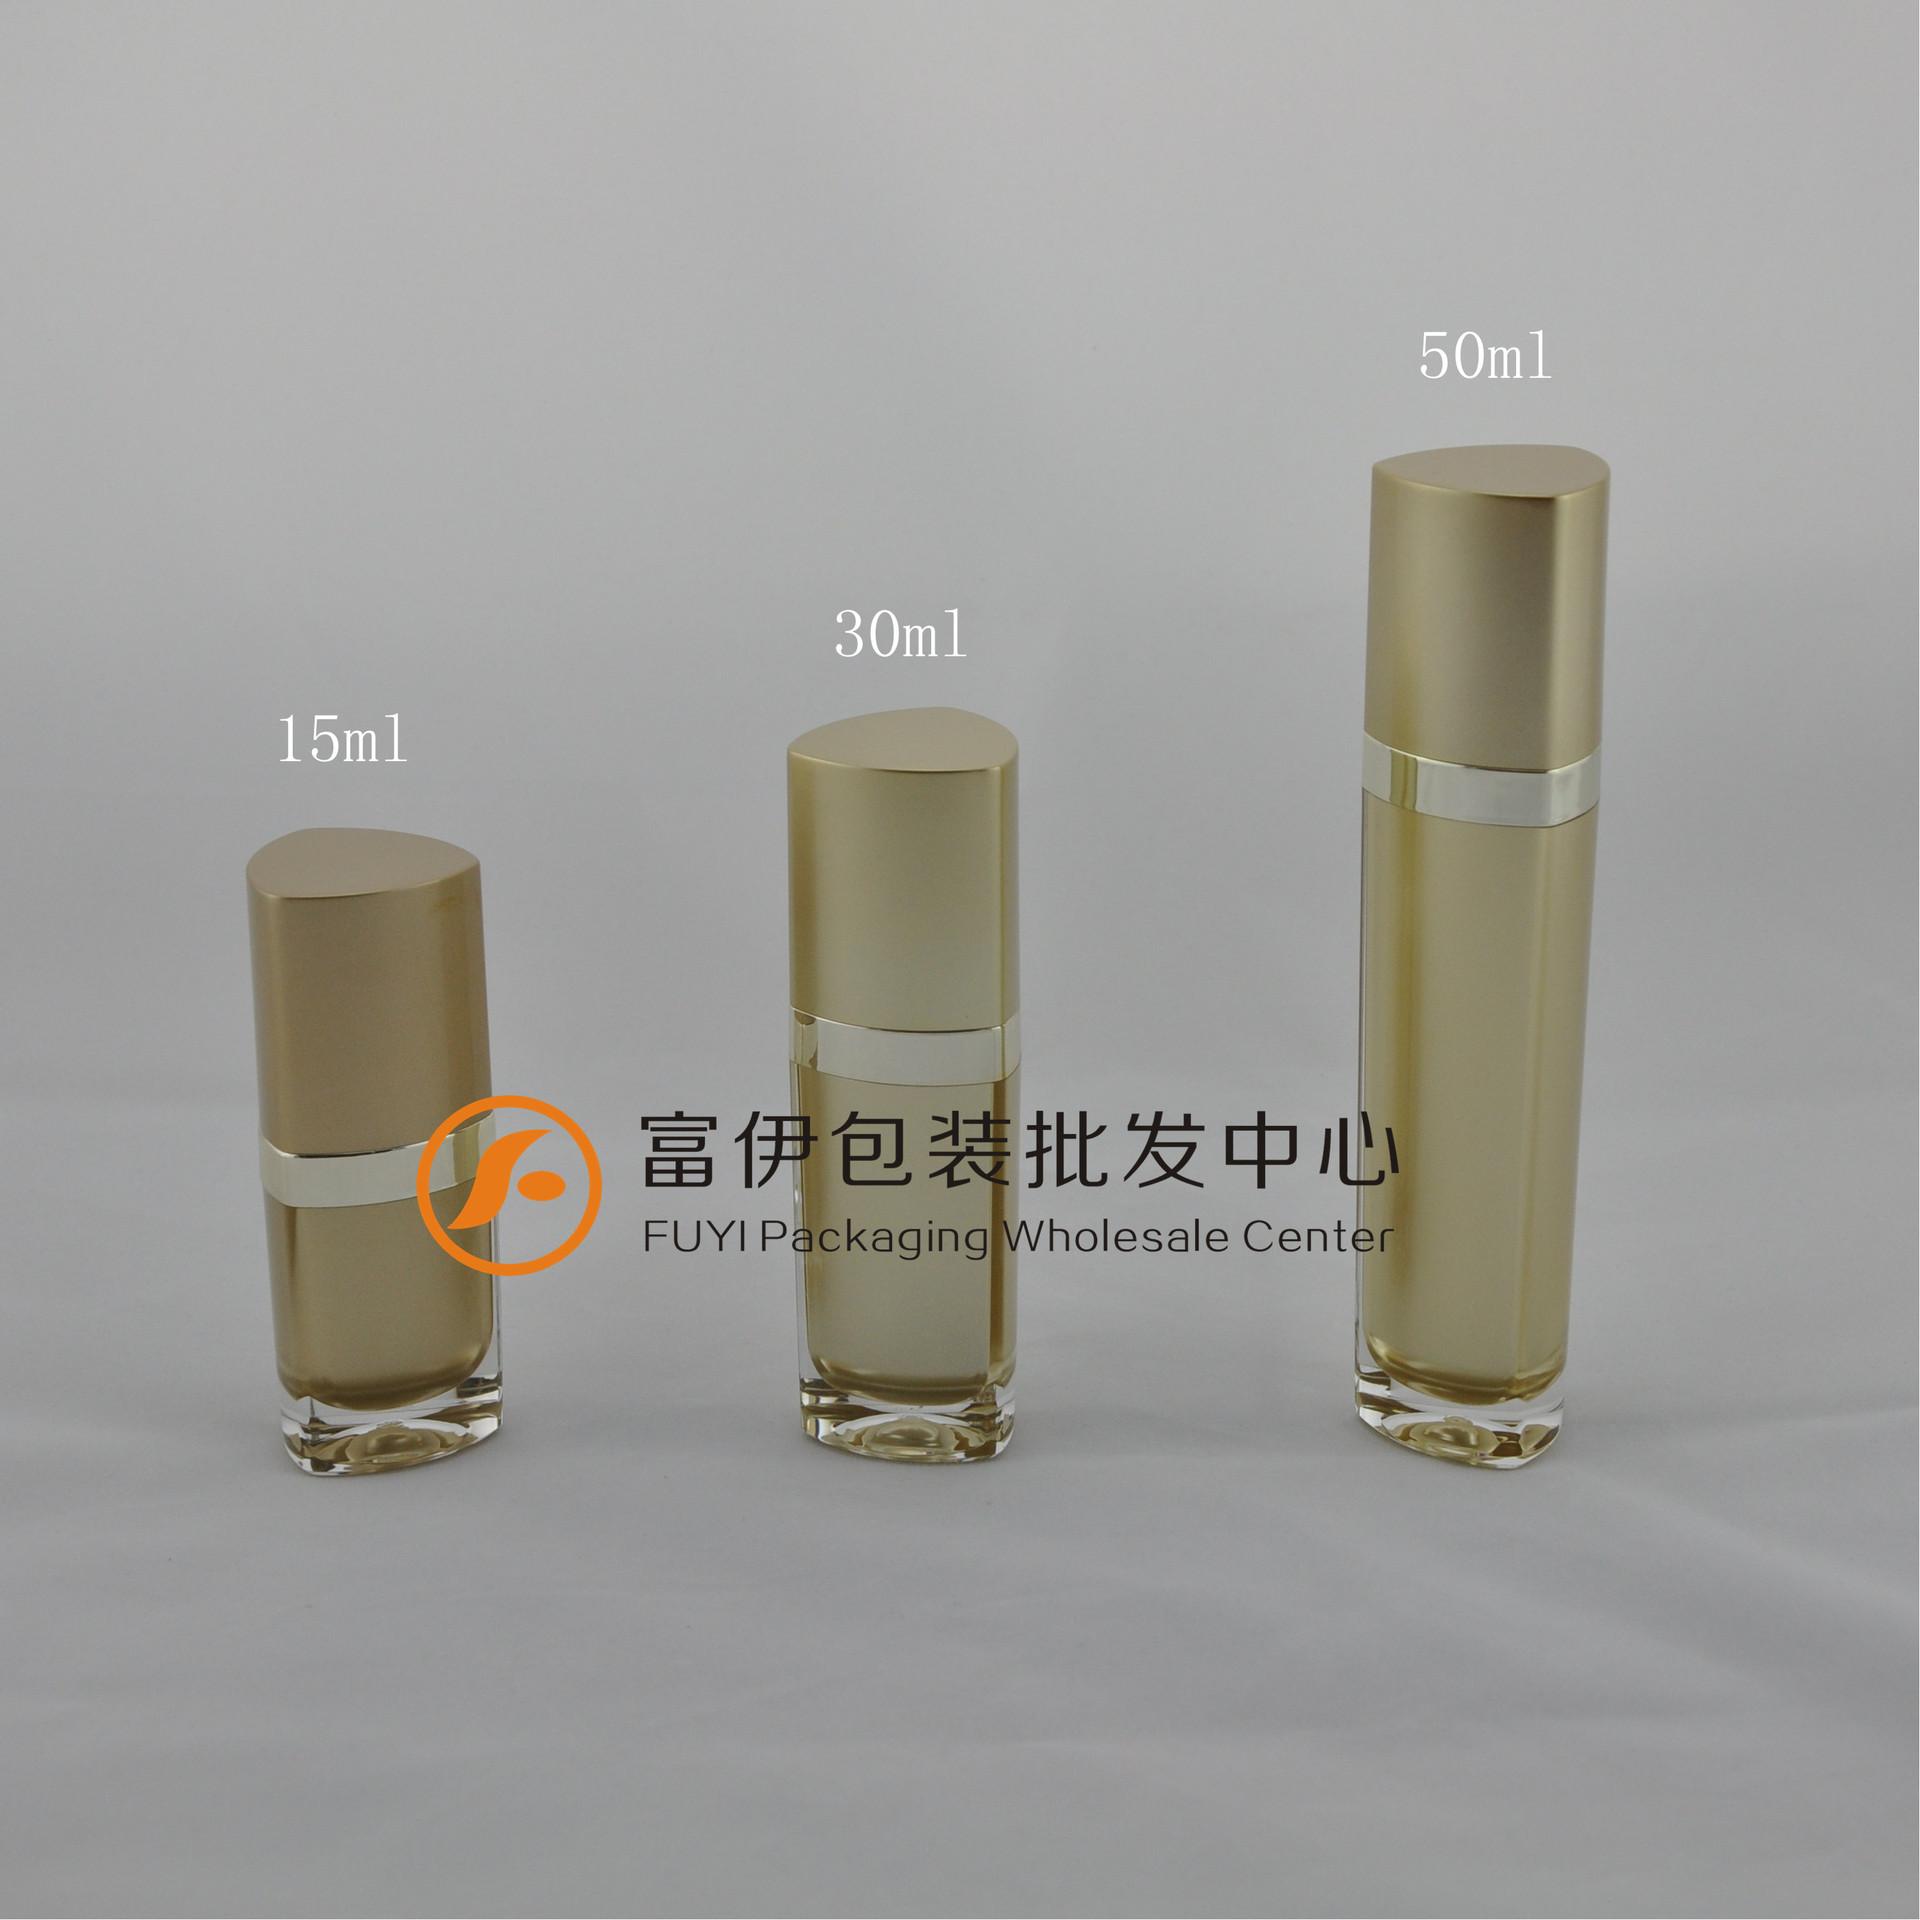 化妆品包装美容工具亚克力三角瓶金色15g分装瓶批发促销 -价格,图片